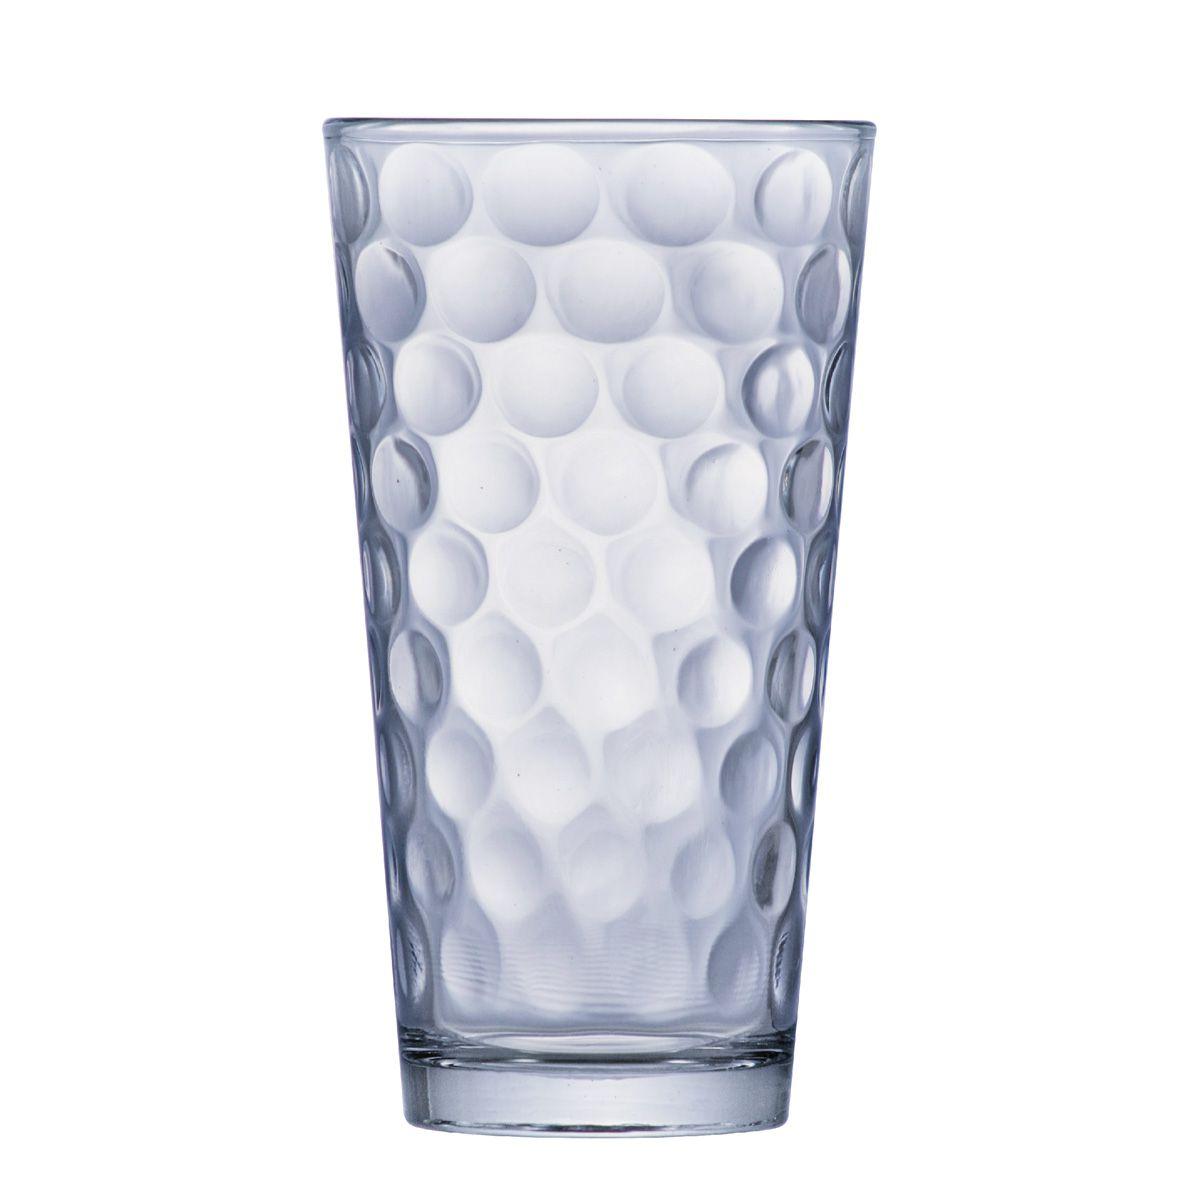 Copo de Água ou Suco Conic Bubbles 415ml 6 pcs